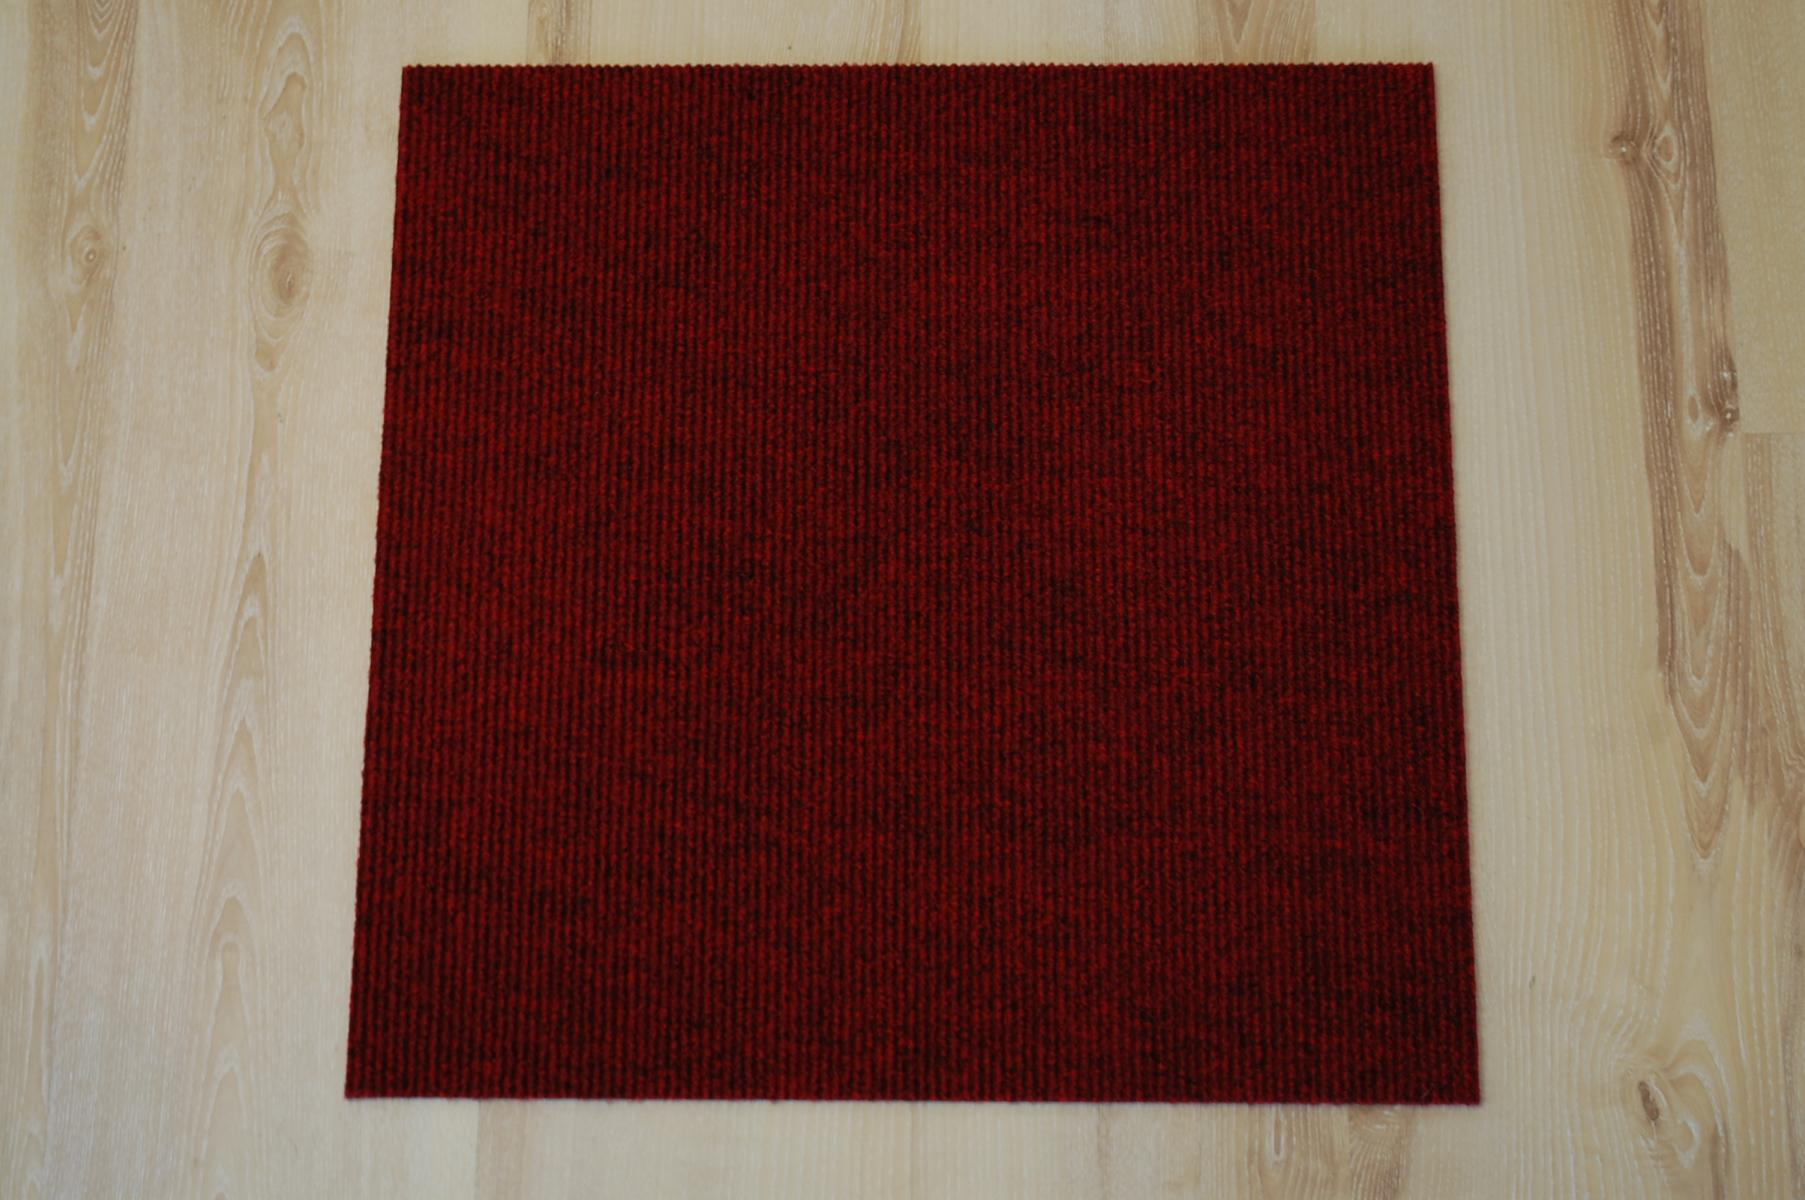 Teppich Fliesen Prima 50x50 cm B1 Balta 316 rot B-s1